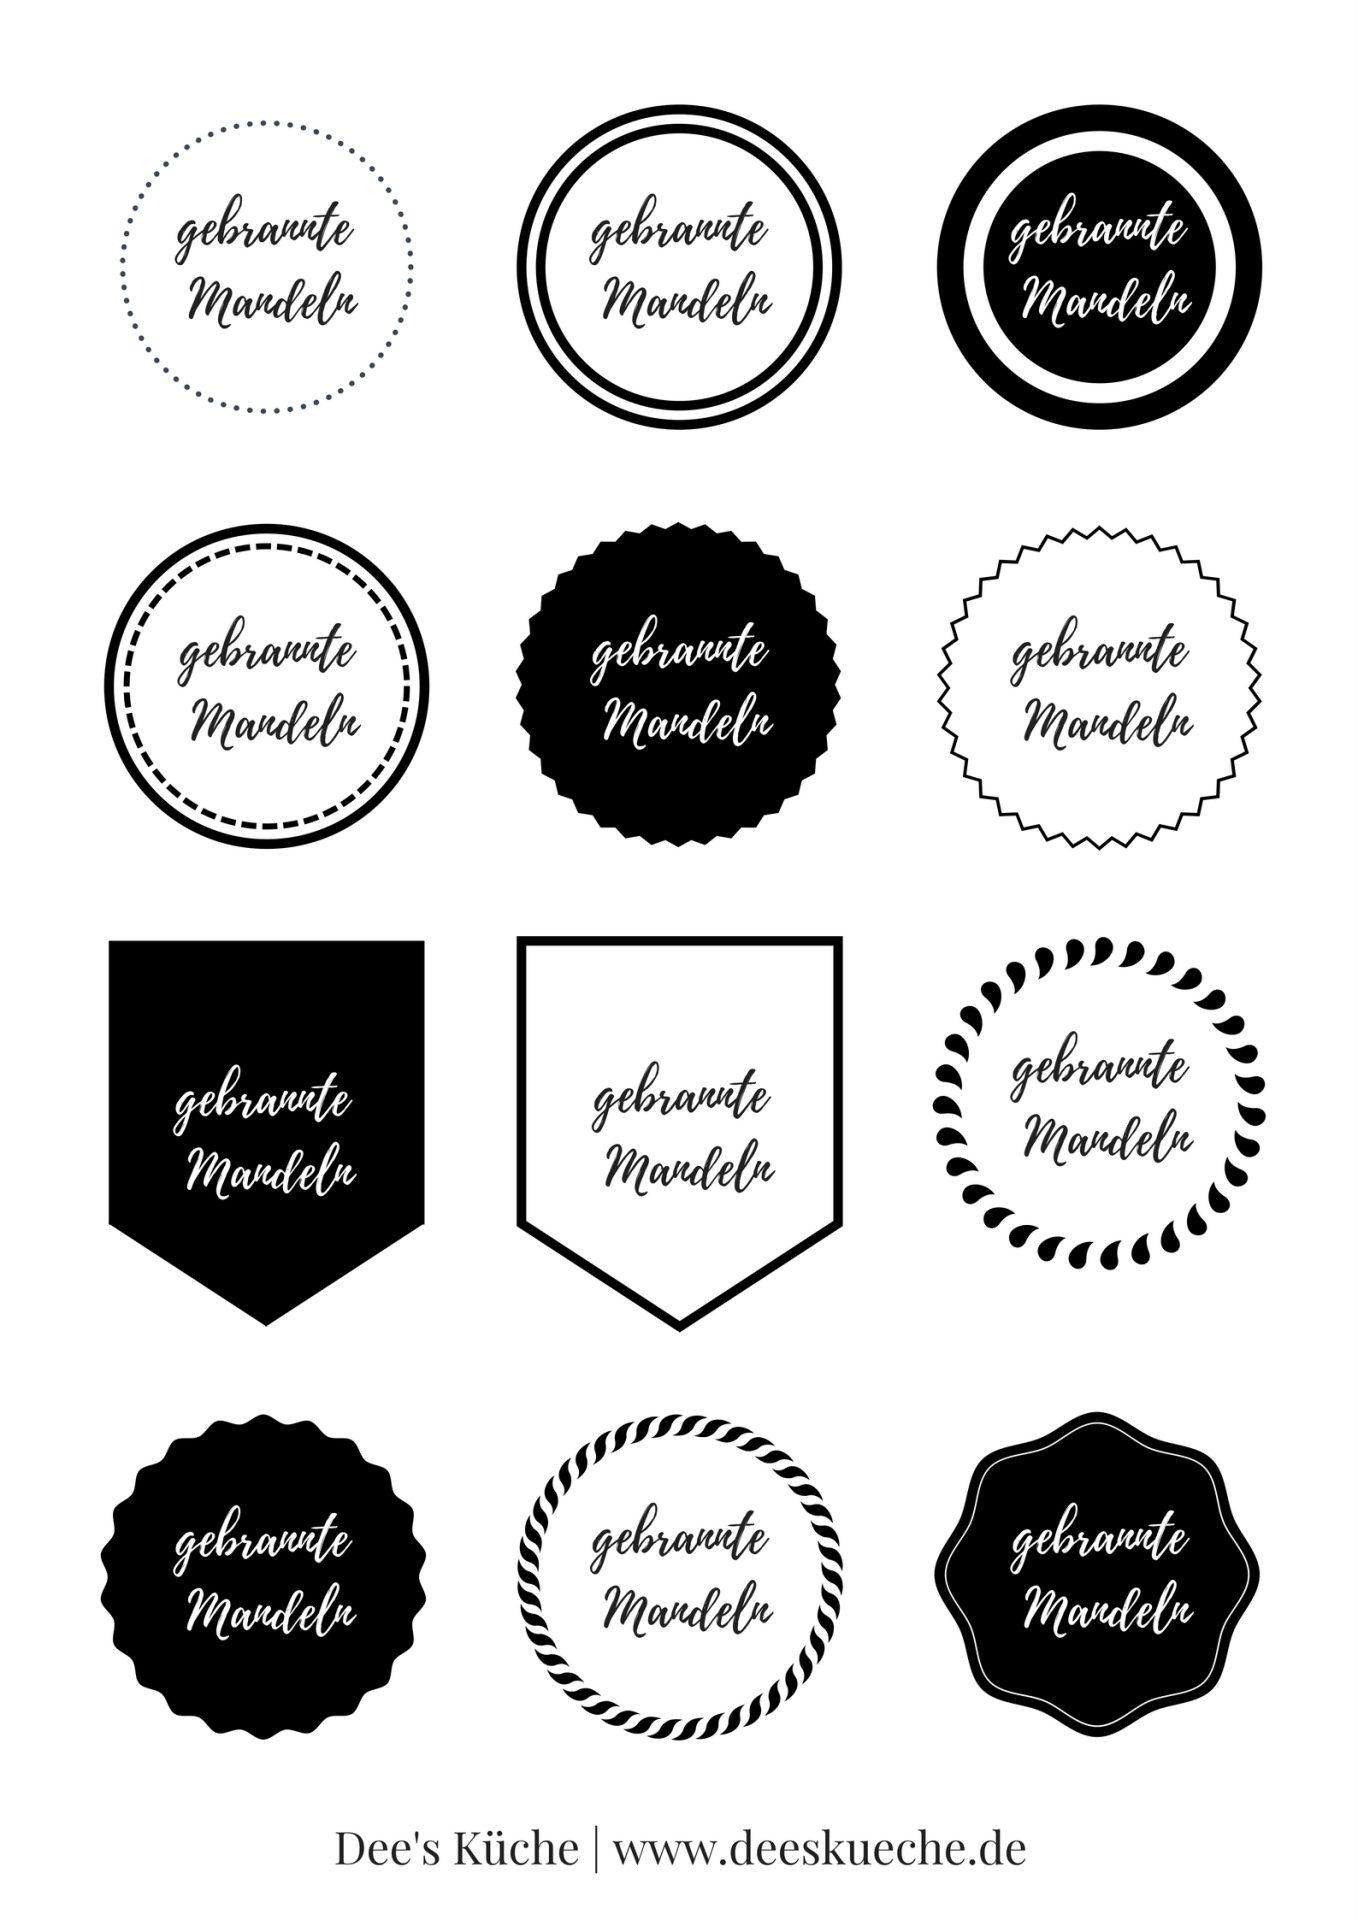 Gebrannte Mandeln: kostenlos Etiketten für ein schönes Geschenk aus der Küche kostenlos runterladen